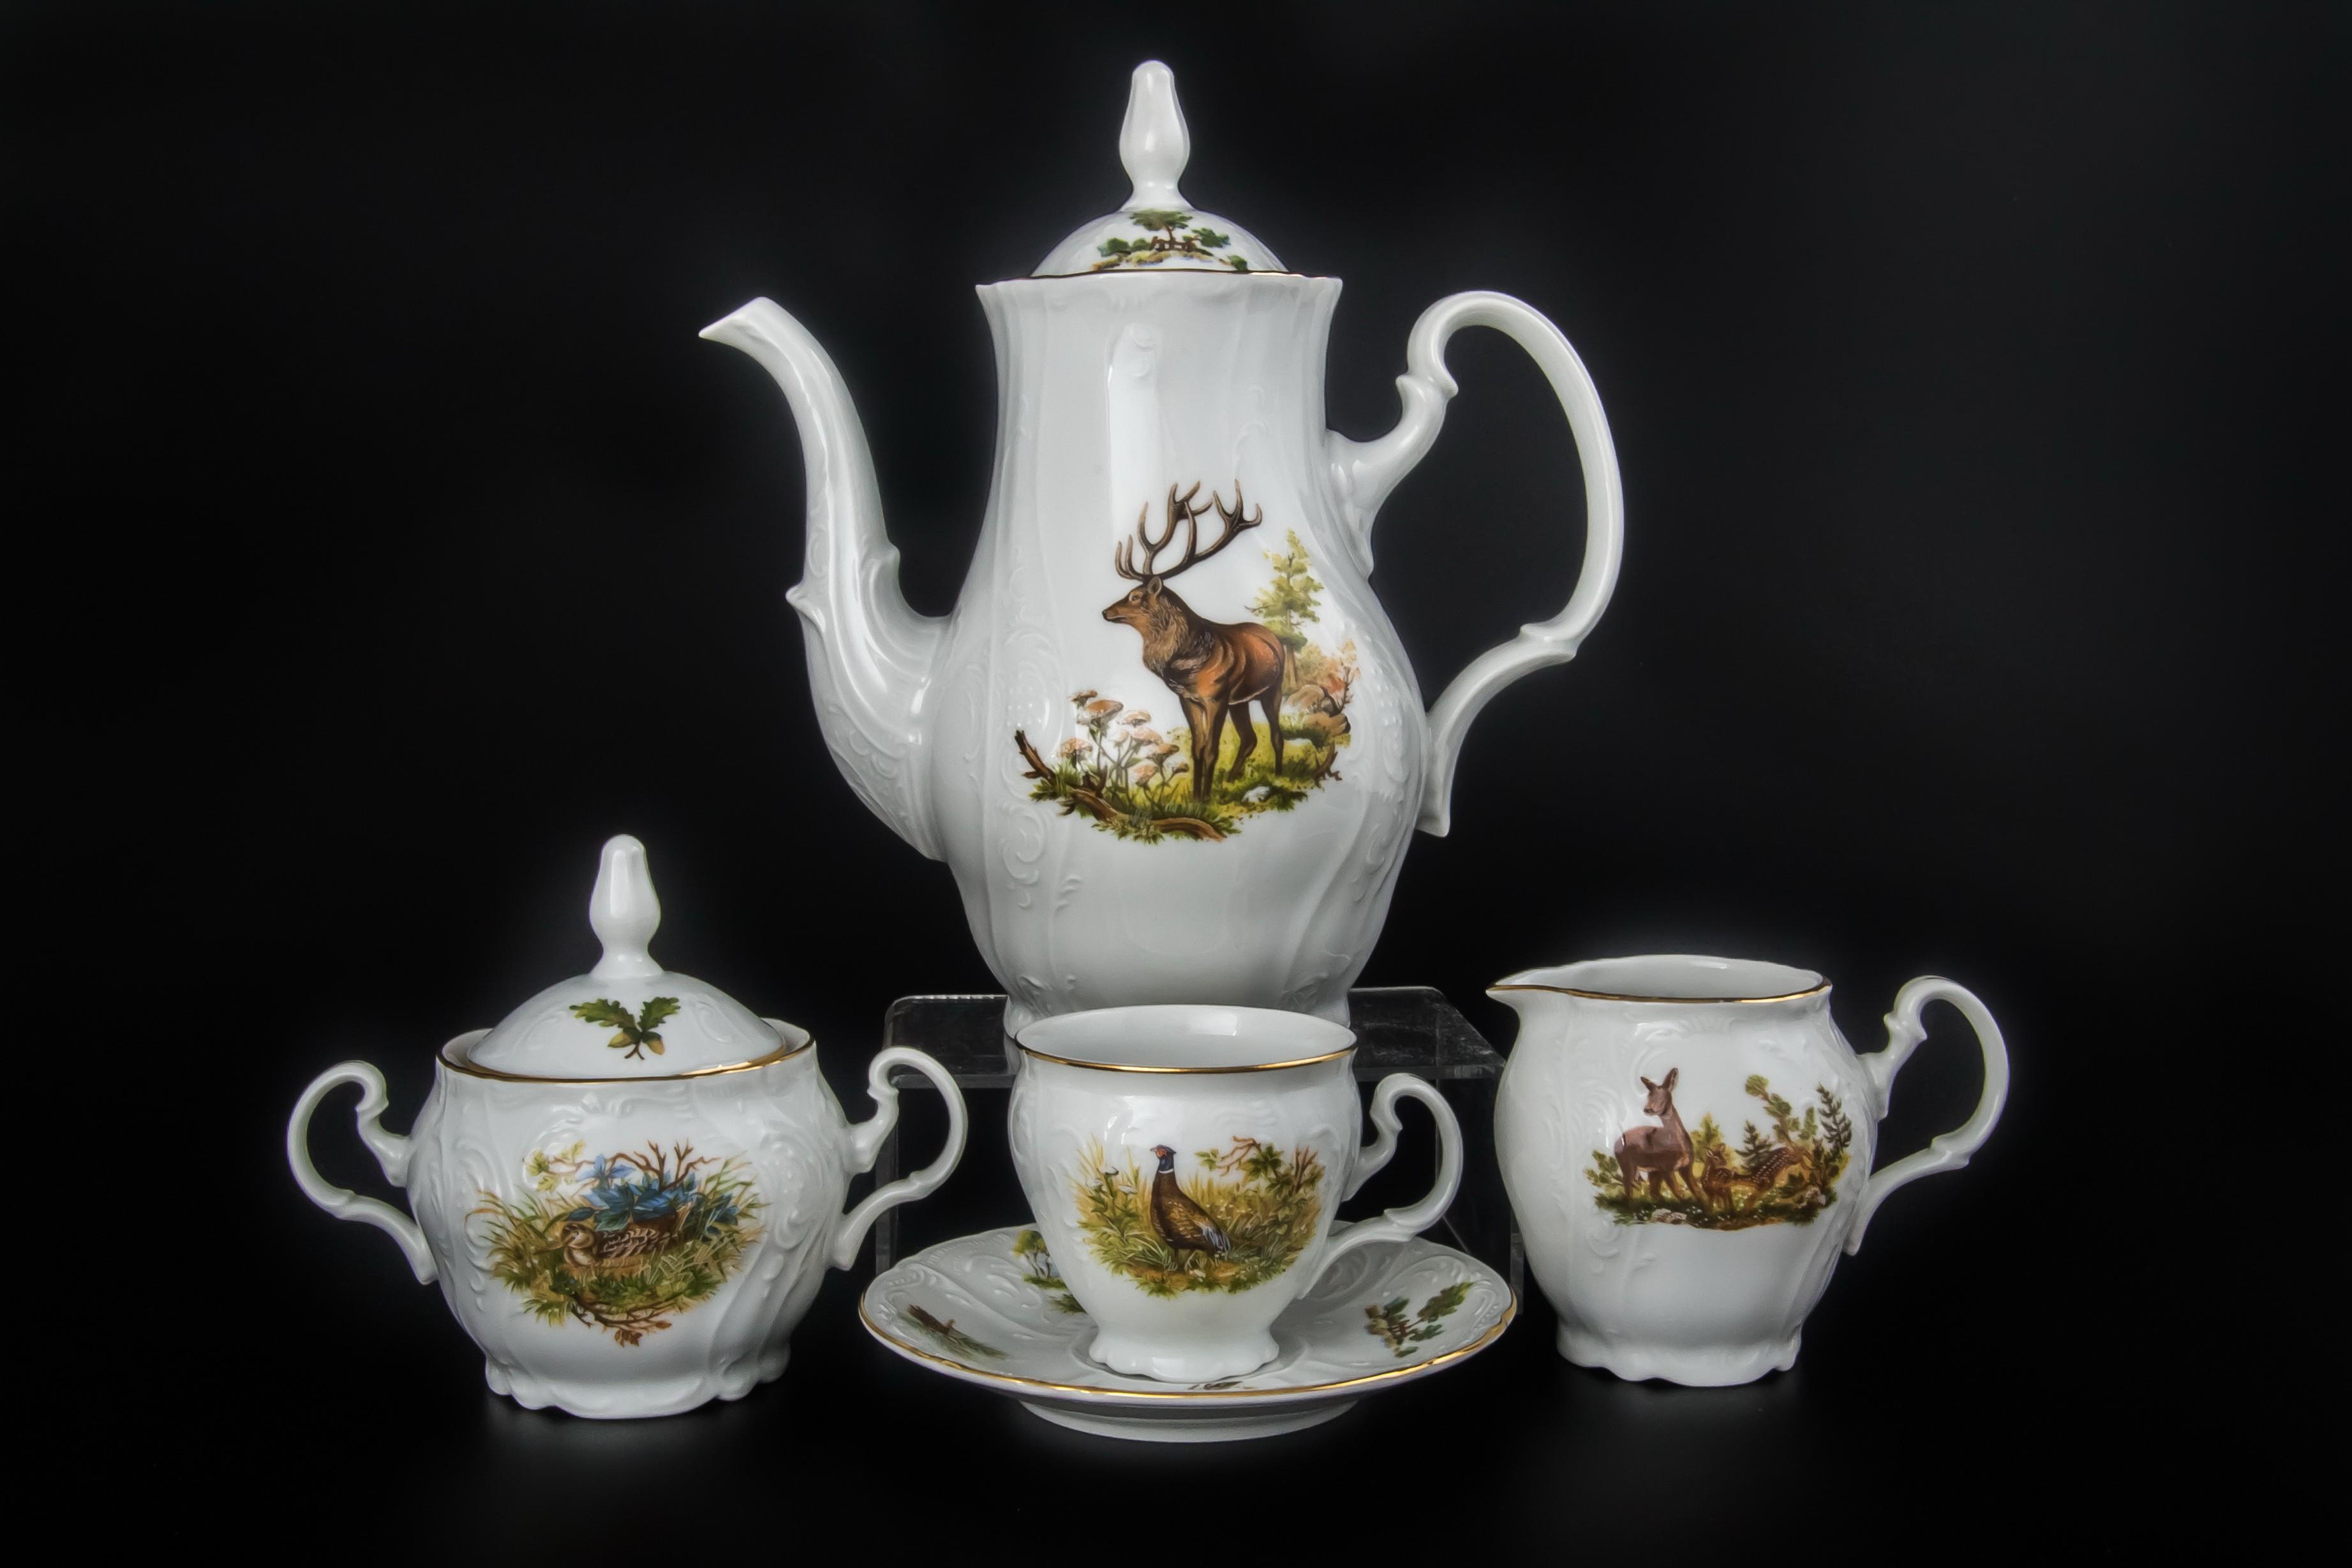 Кофейный фарфоровый сервиз ОХОТА от Bernadotte на 6 персон, 17 предметов